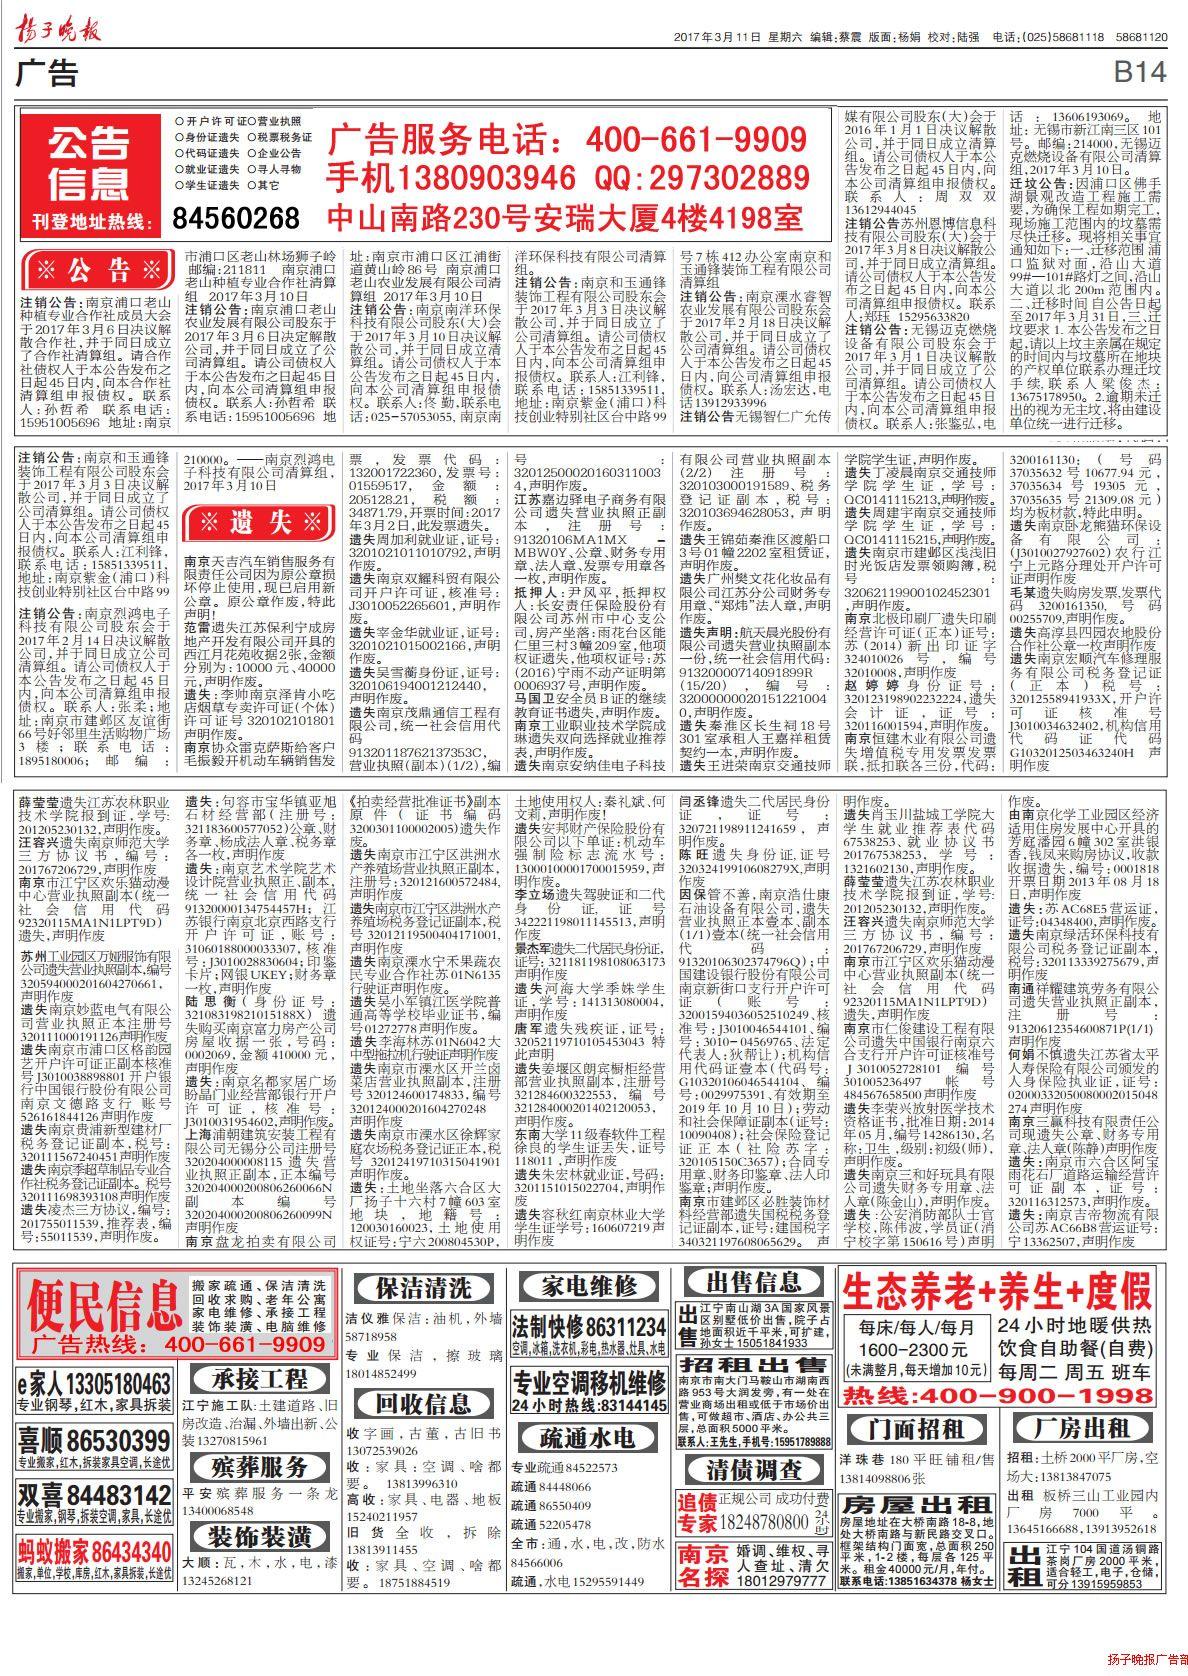 2017年3月11日扬子晚报公告声明遗失注销